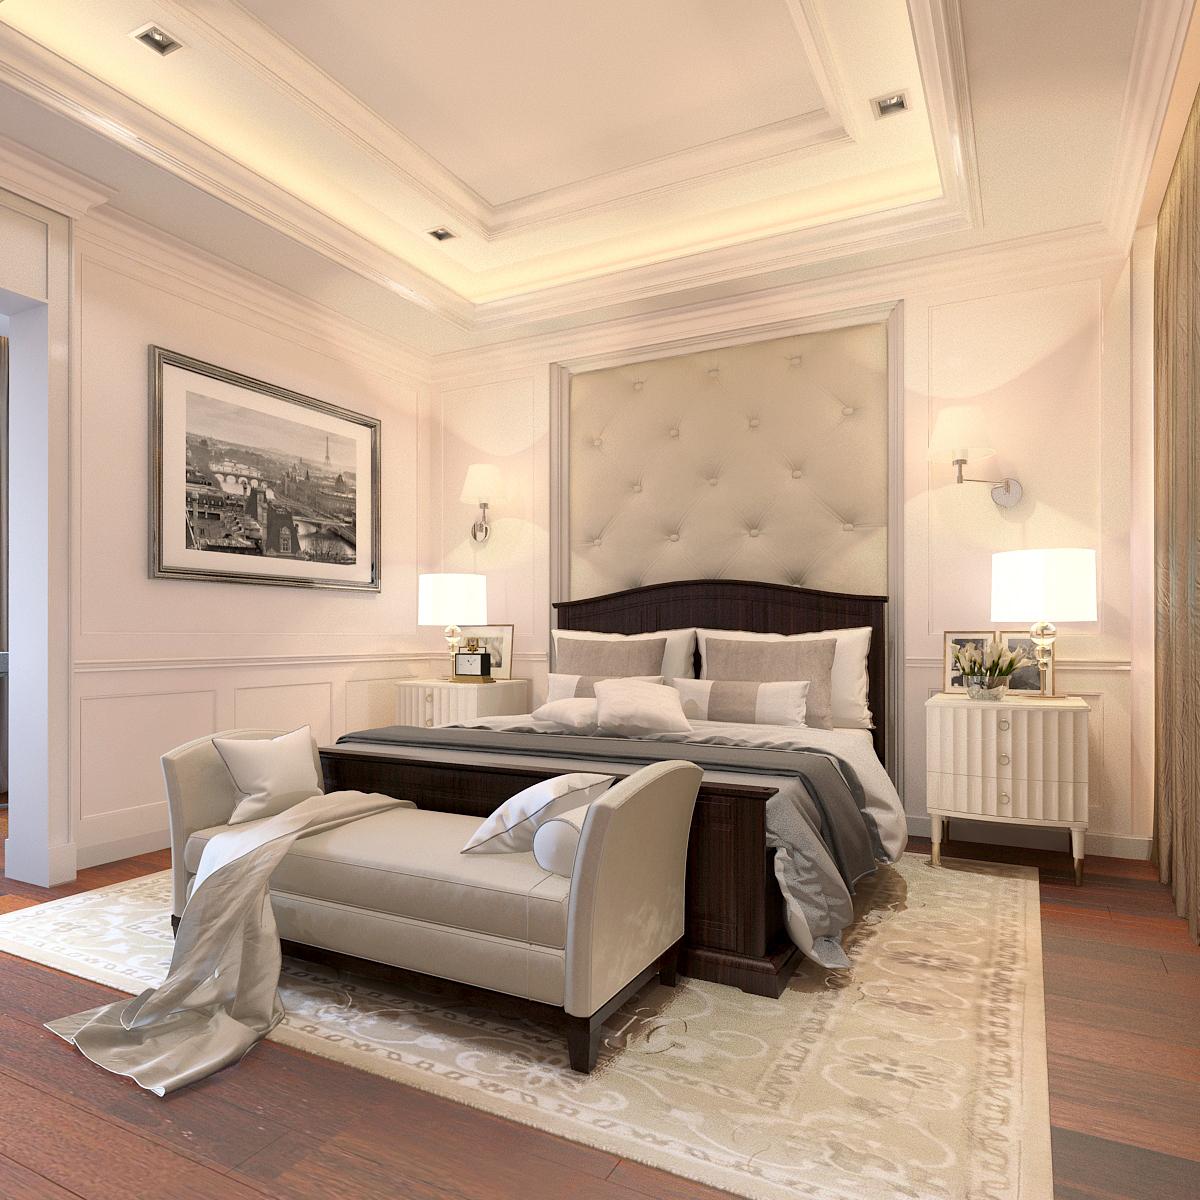 ตกแต่งภายใน Luxury บ้าน คุณเอื้อง อุดรธานี 14